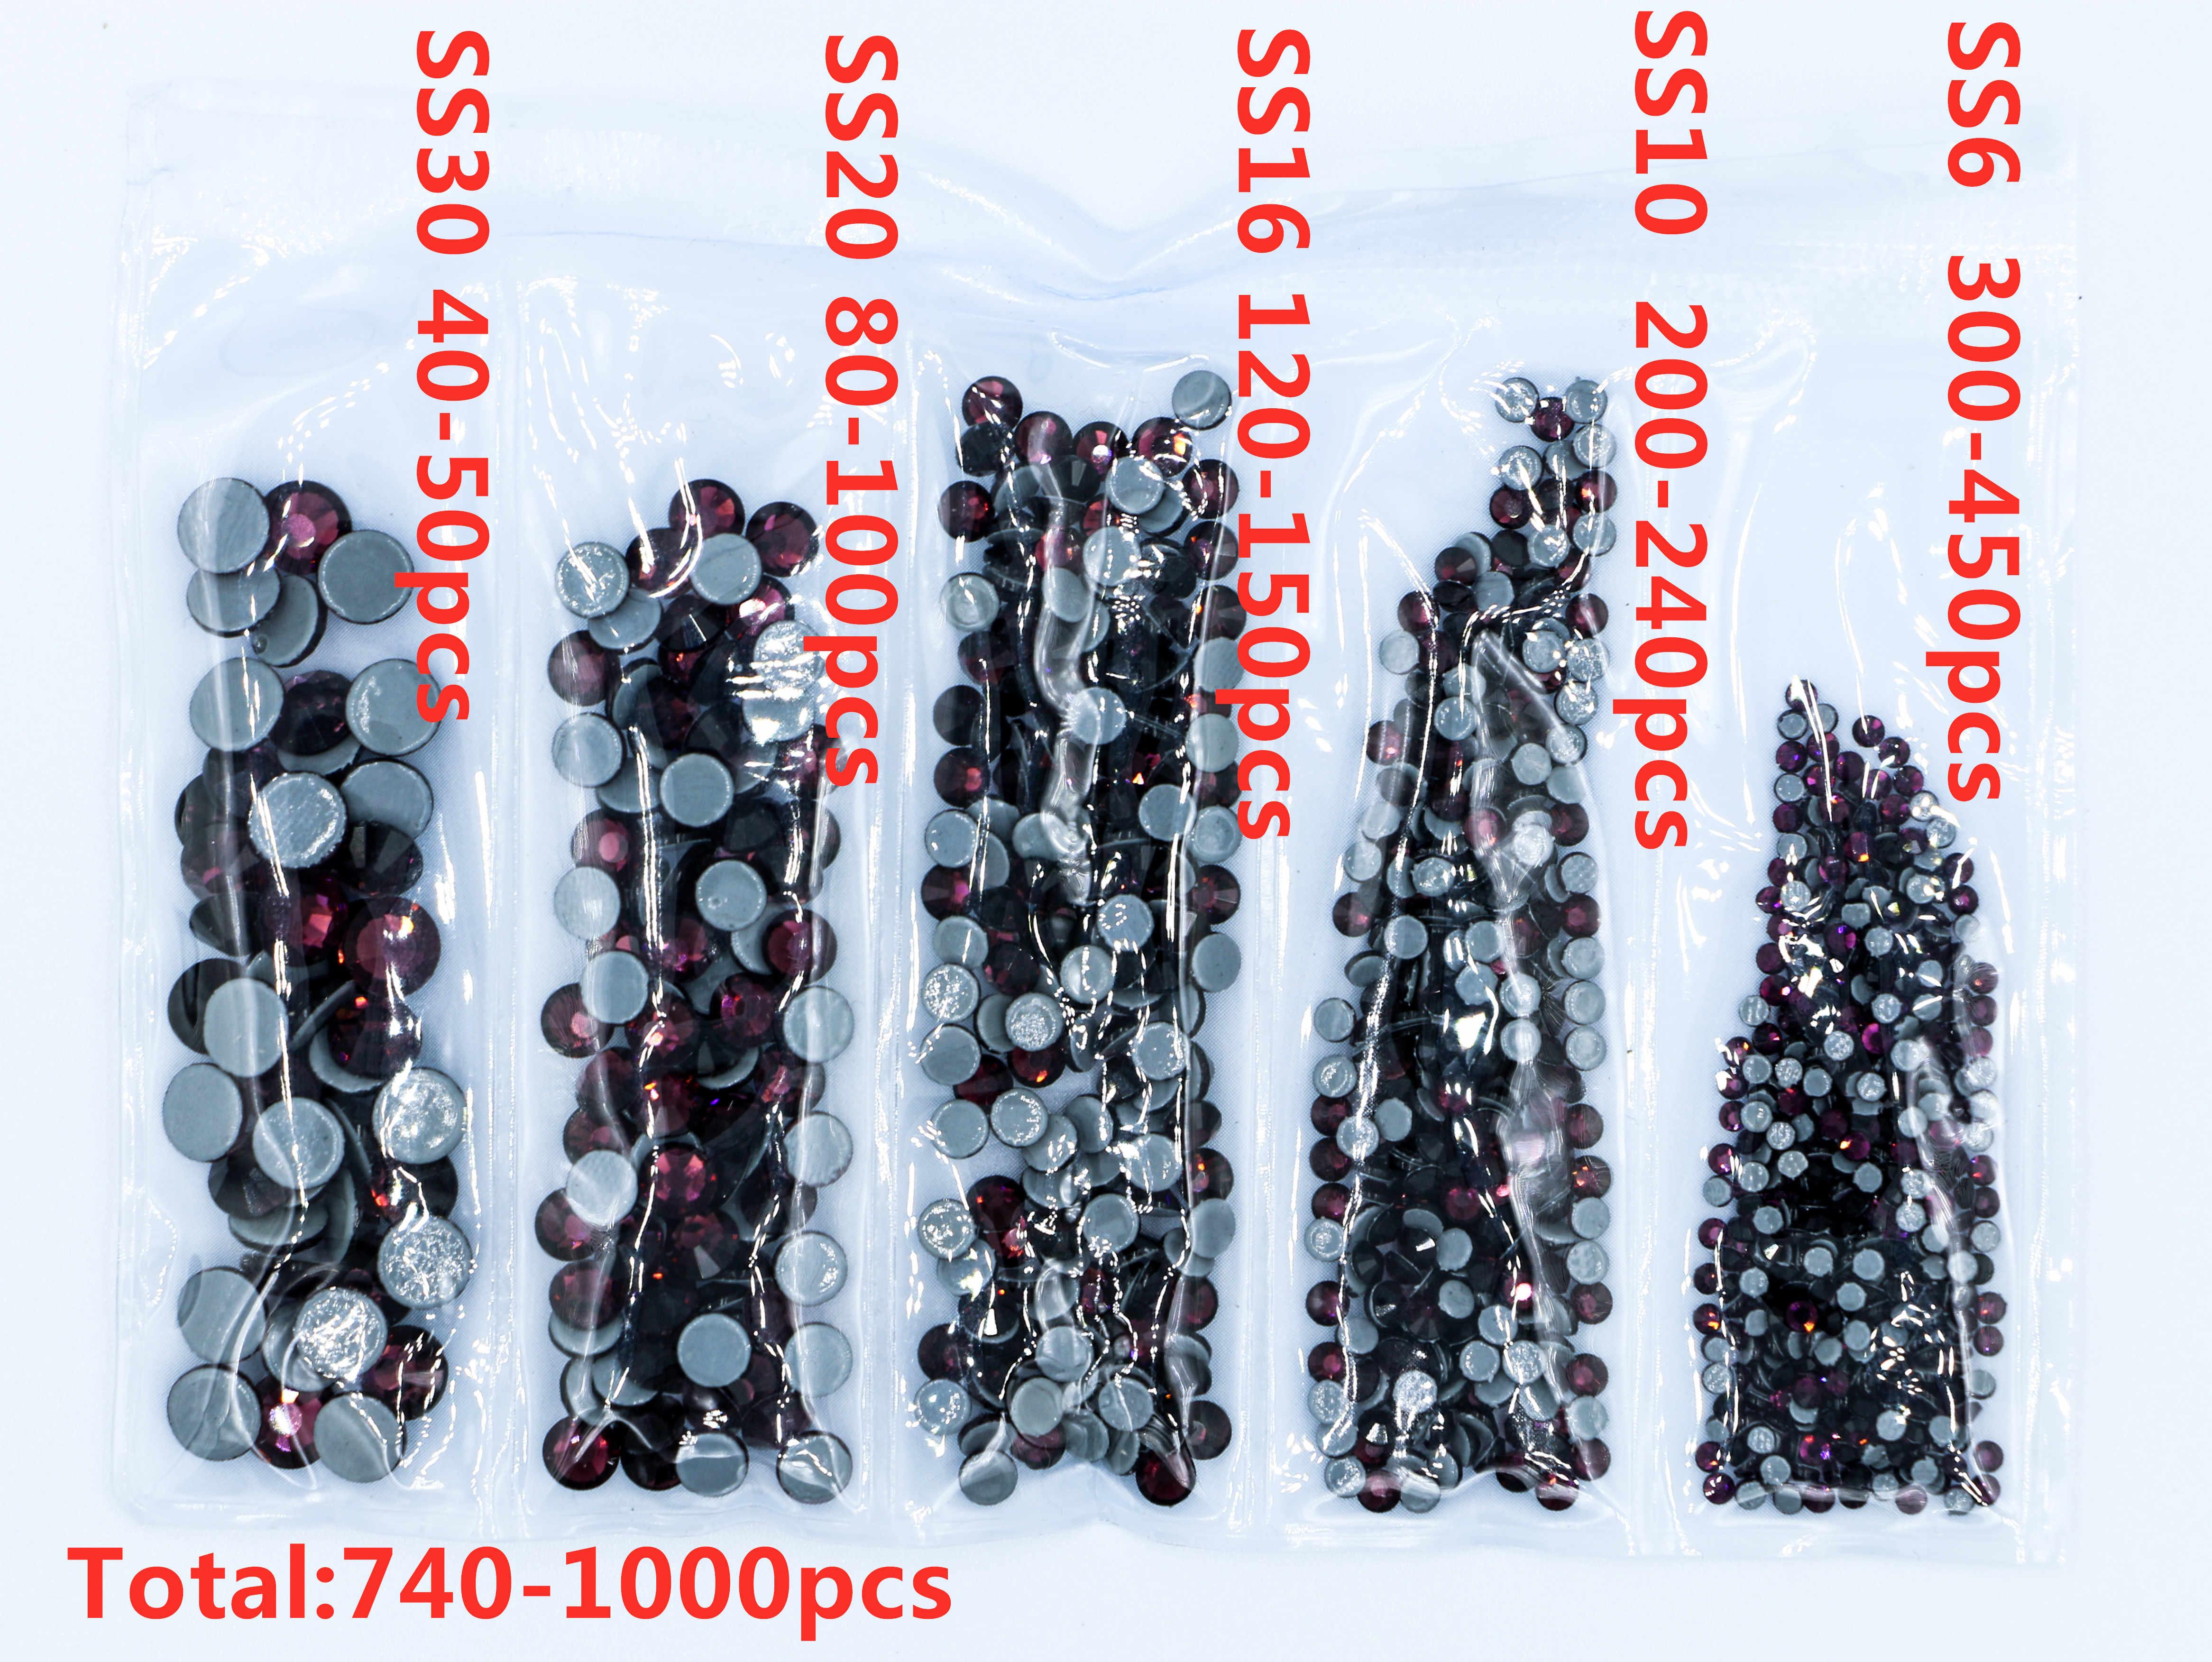 Ab/abd hızlı ısıtmalı düzeltme yapay elmas aplikatör demir-on değnek isı düzeltme aracı tabancası karışık boyutu sıcak düzeltme Rhinestones cam dekorasyon